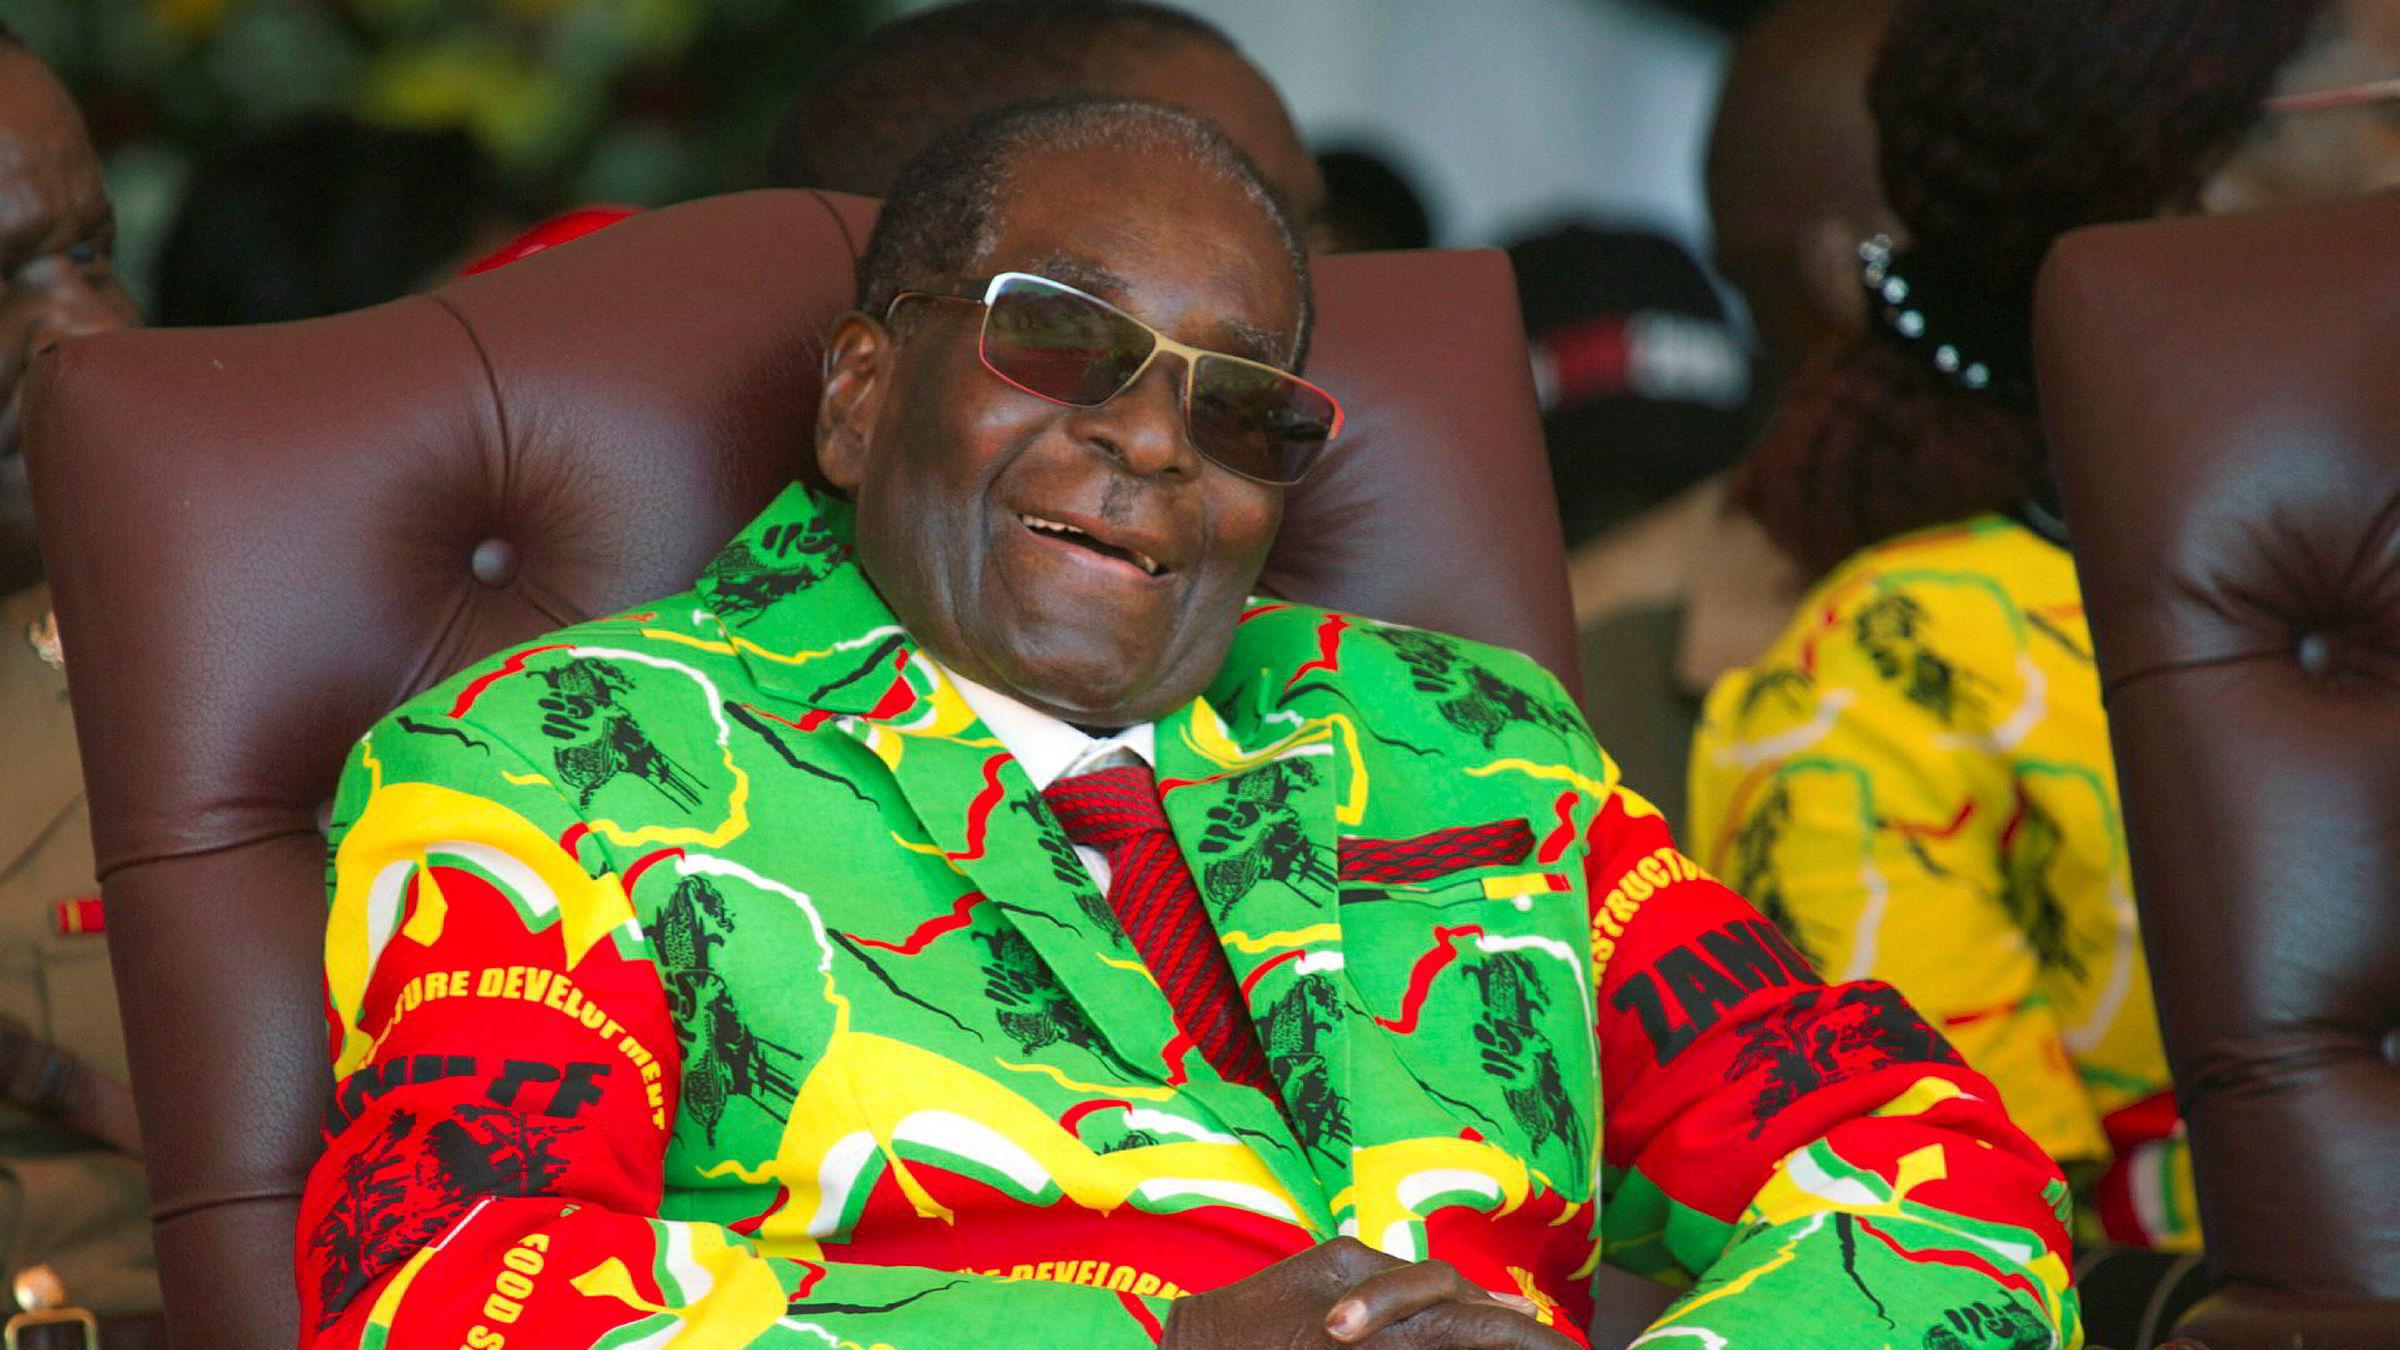 Zimbabwe er et skoleeksempel på hvordan en brutal frigjøring fra et brutalt regime gir nye brutale statsledere, skriver artikkelforfatteren. Robert Mugabe styrte gjennom 37 år.